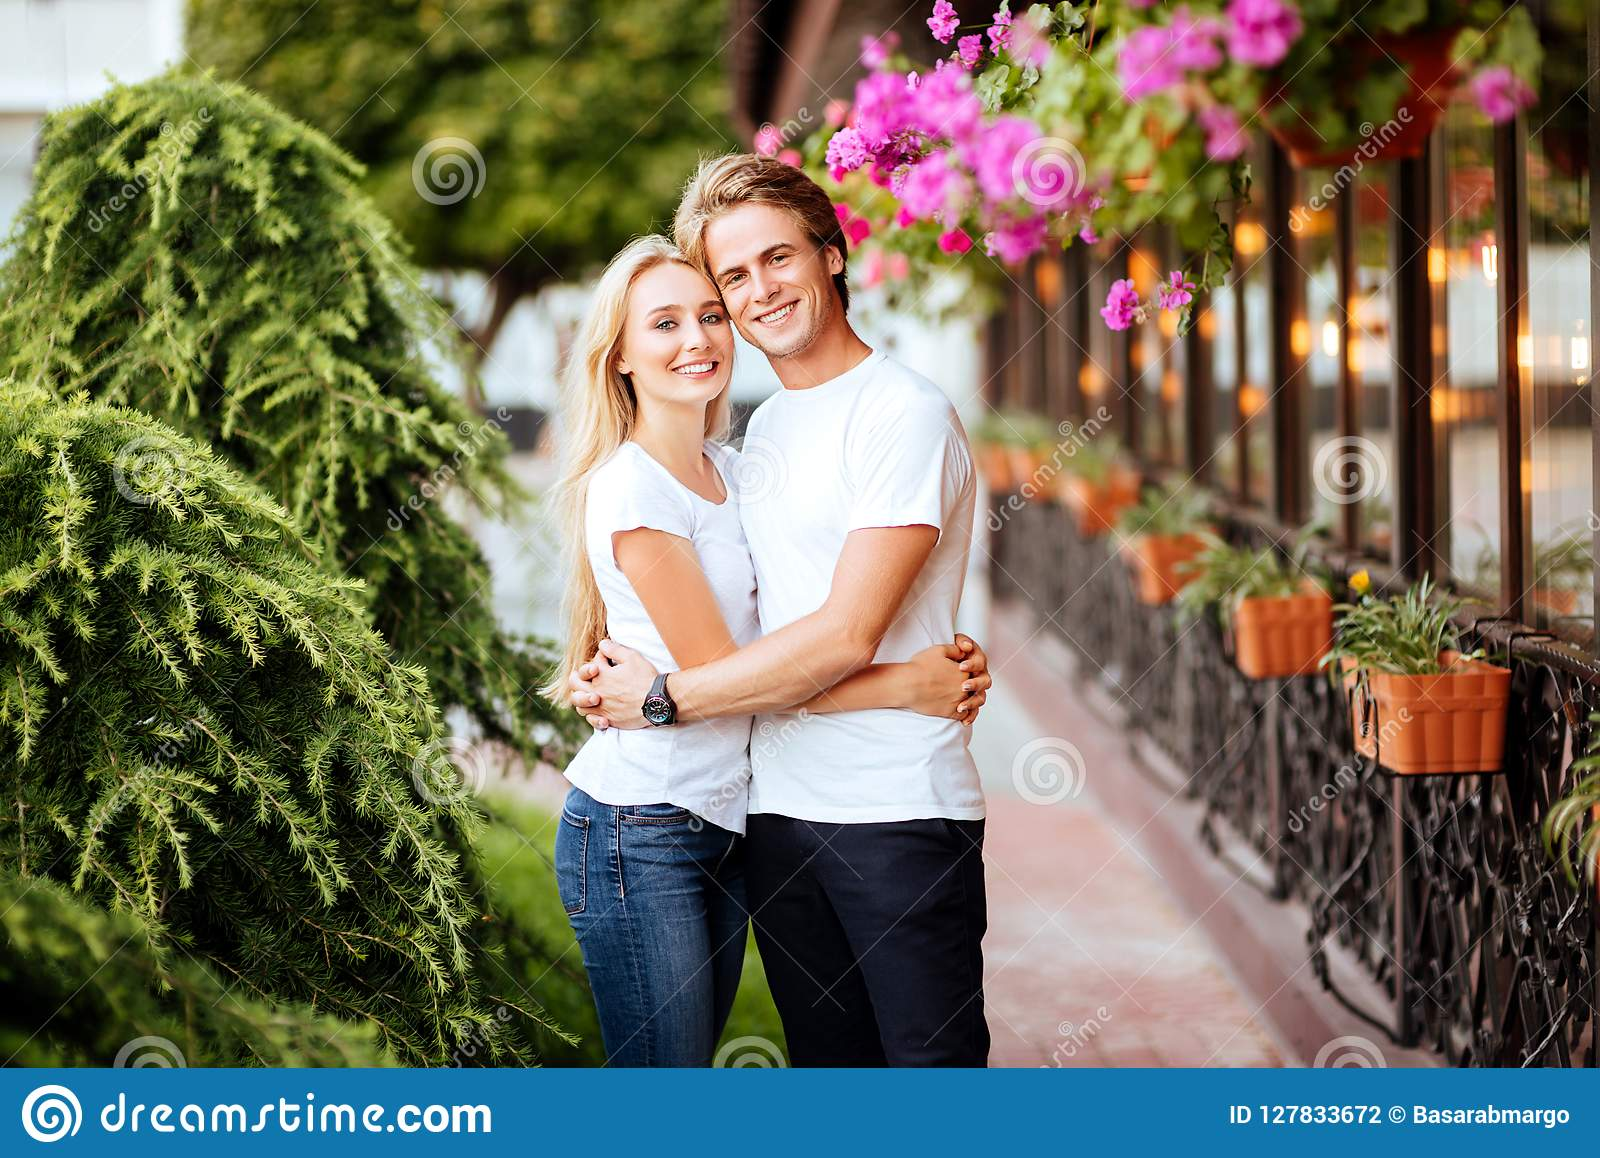 Glückliches Paar in der Liebe, die Spaß auf Straße hat